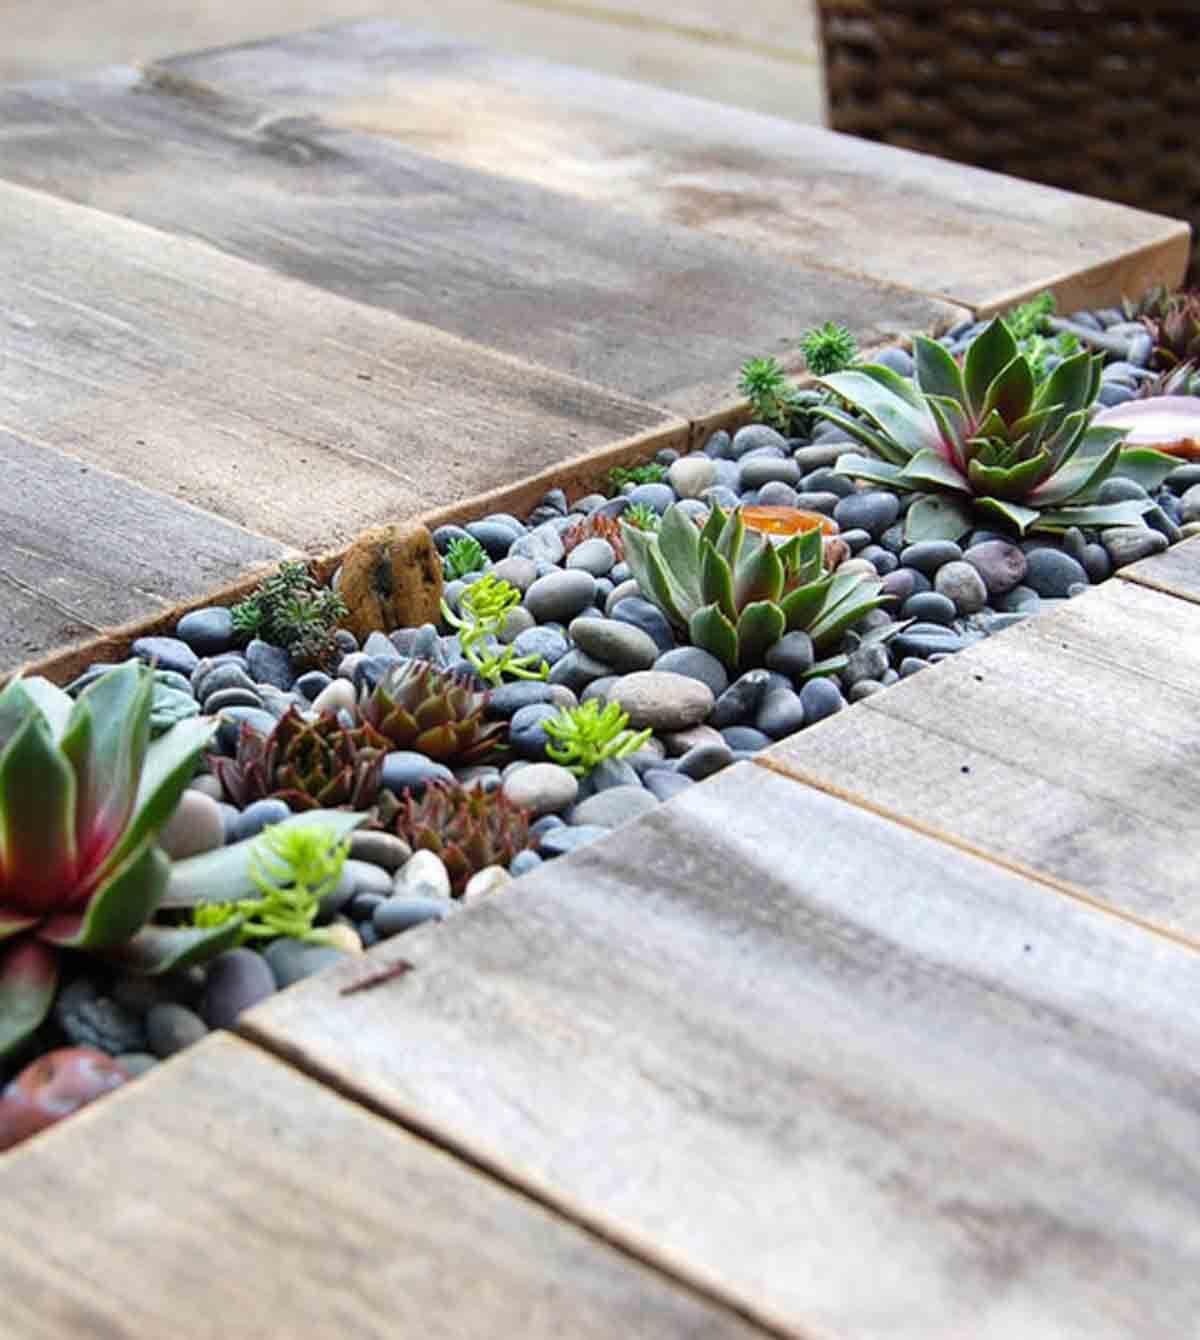 Built-In Rock Garden for Succulents